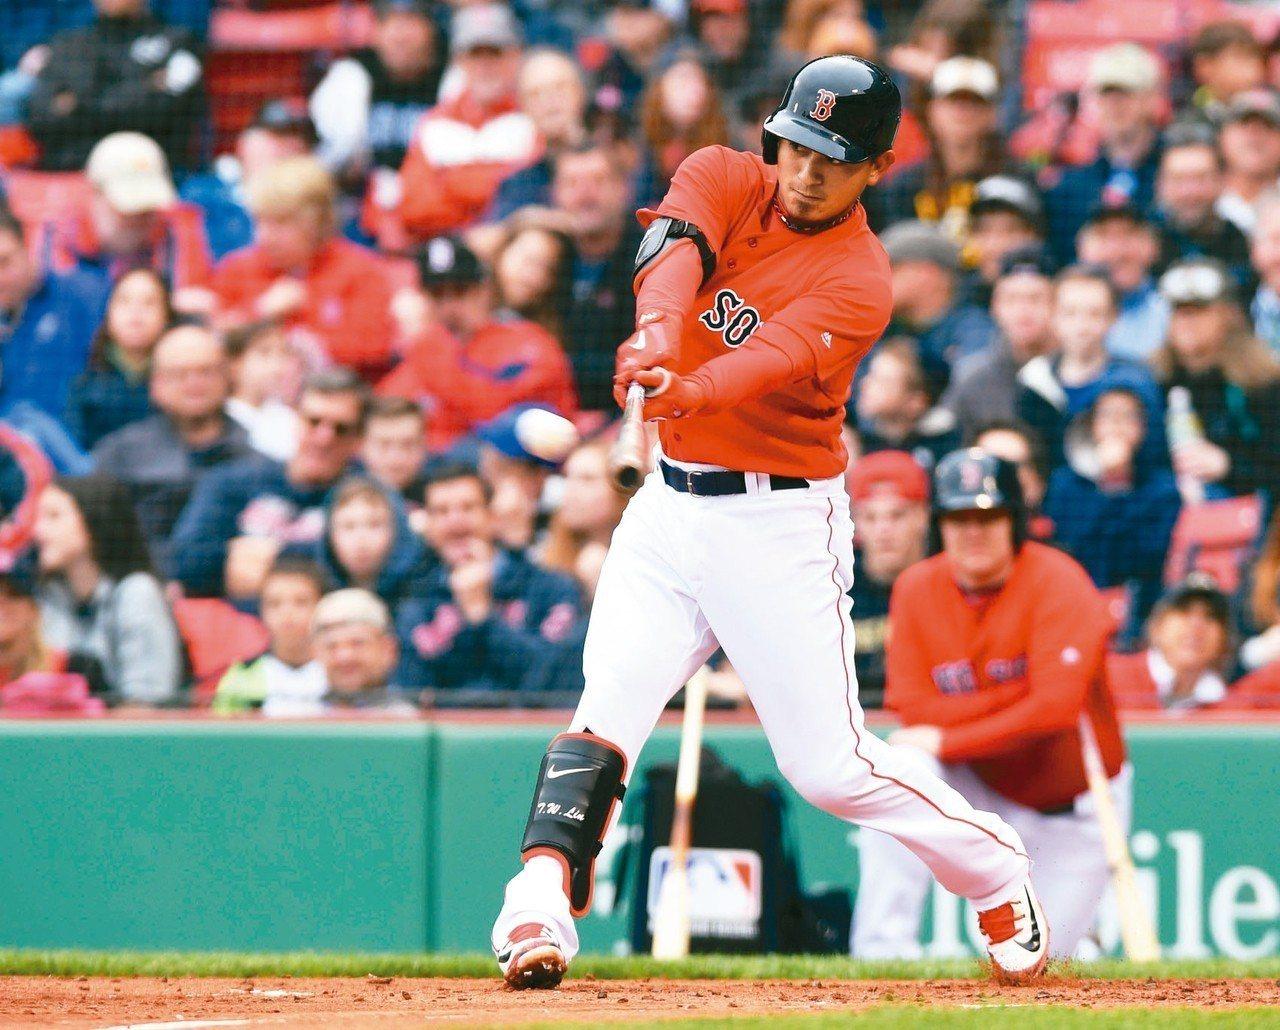 波士頓紅襪旅美選手林子偉今天在小聯盟3A復健賽,3打數敲出1支二壘安打,還包辦追...